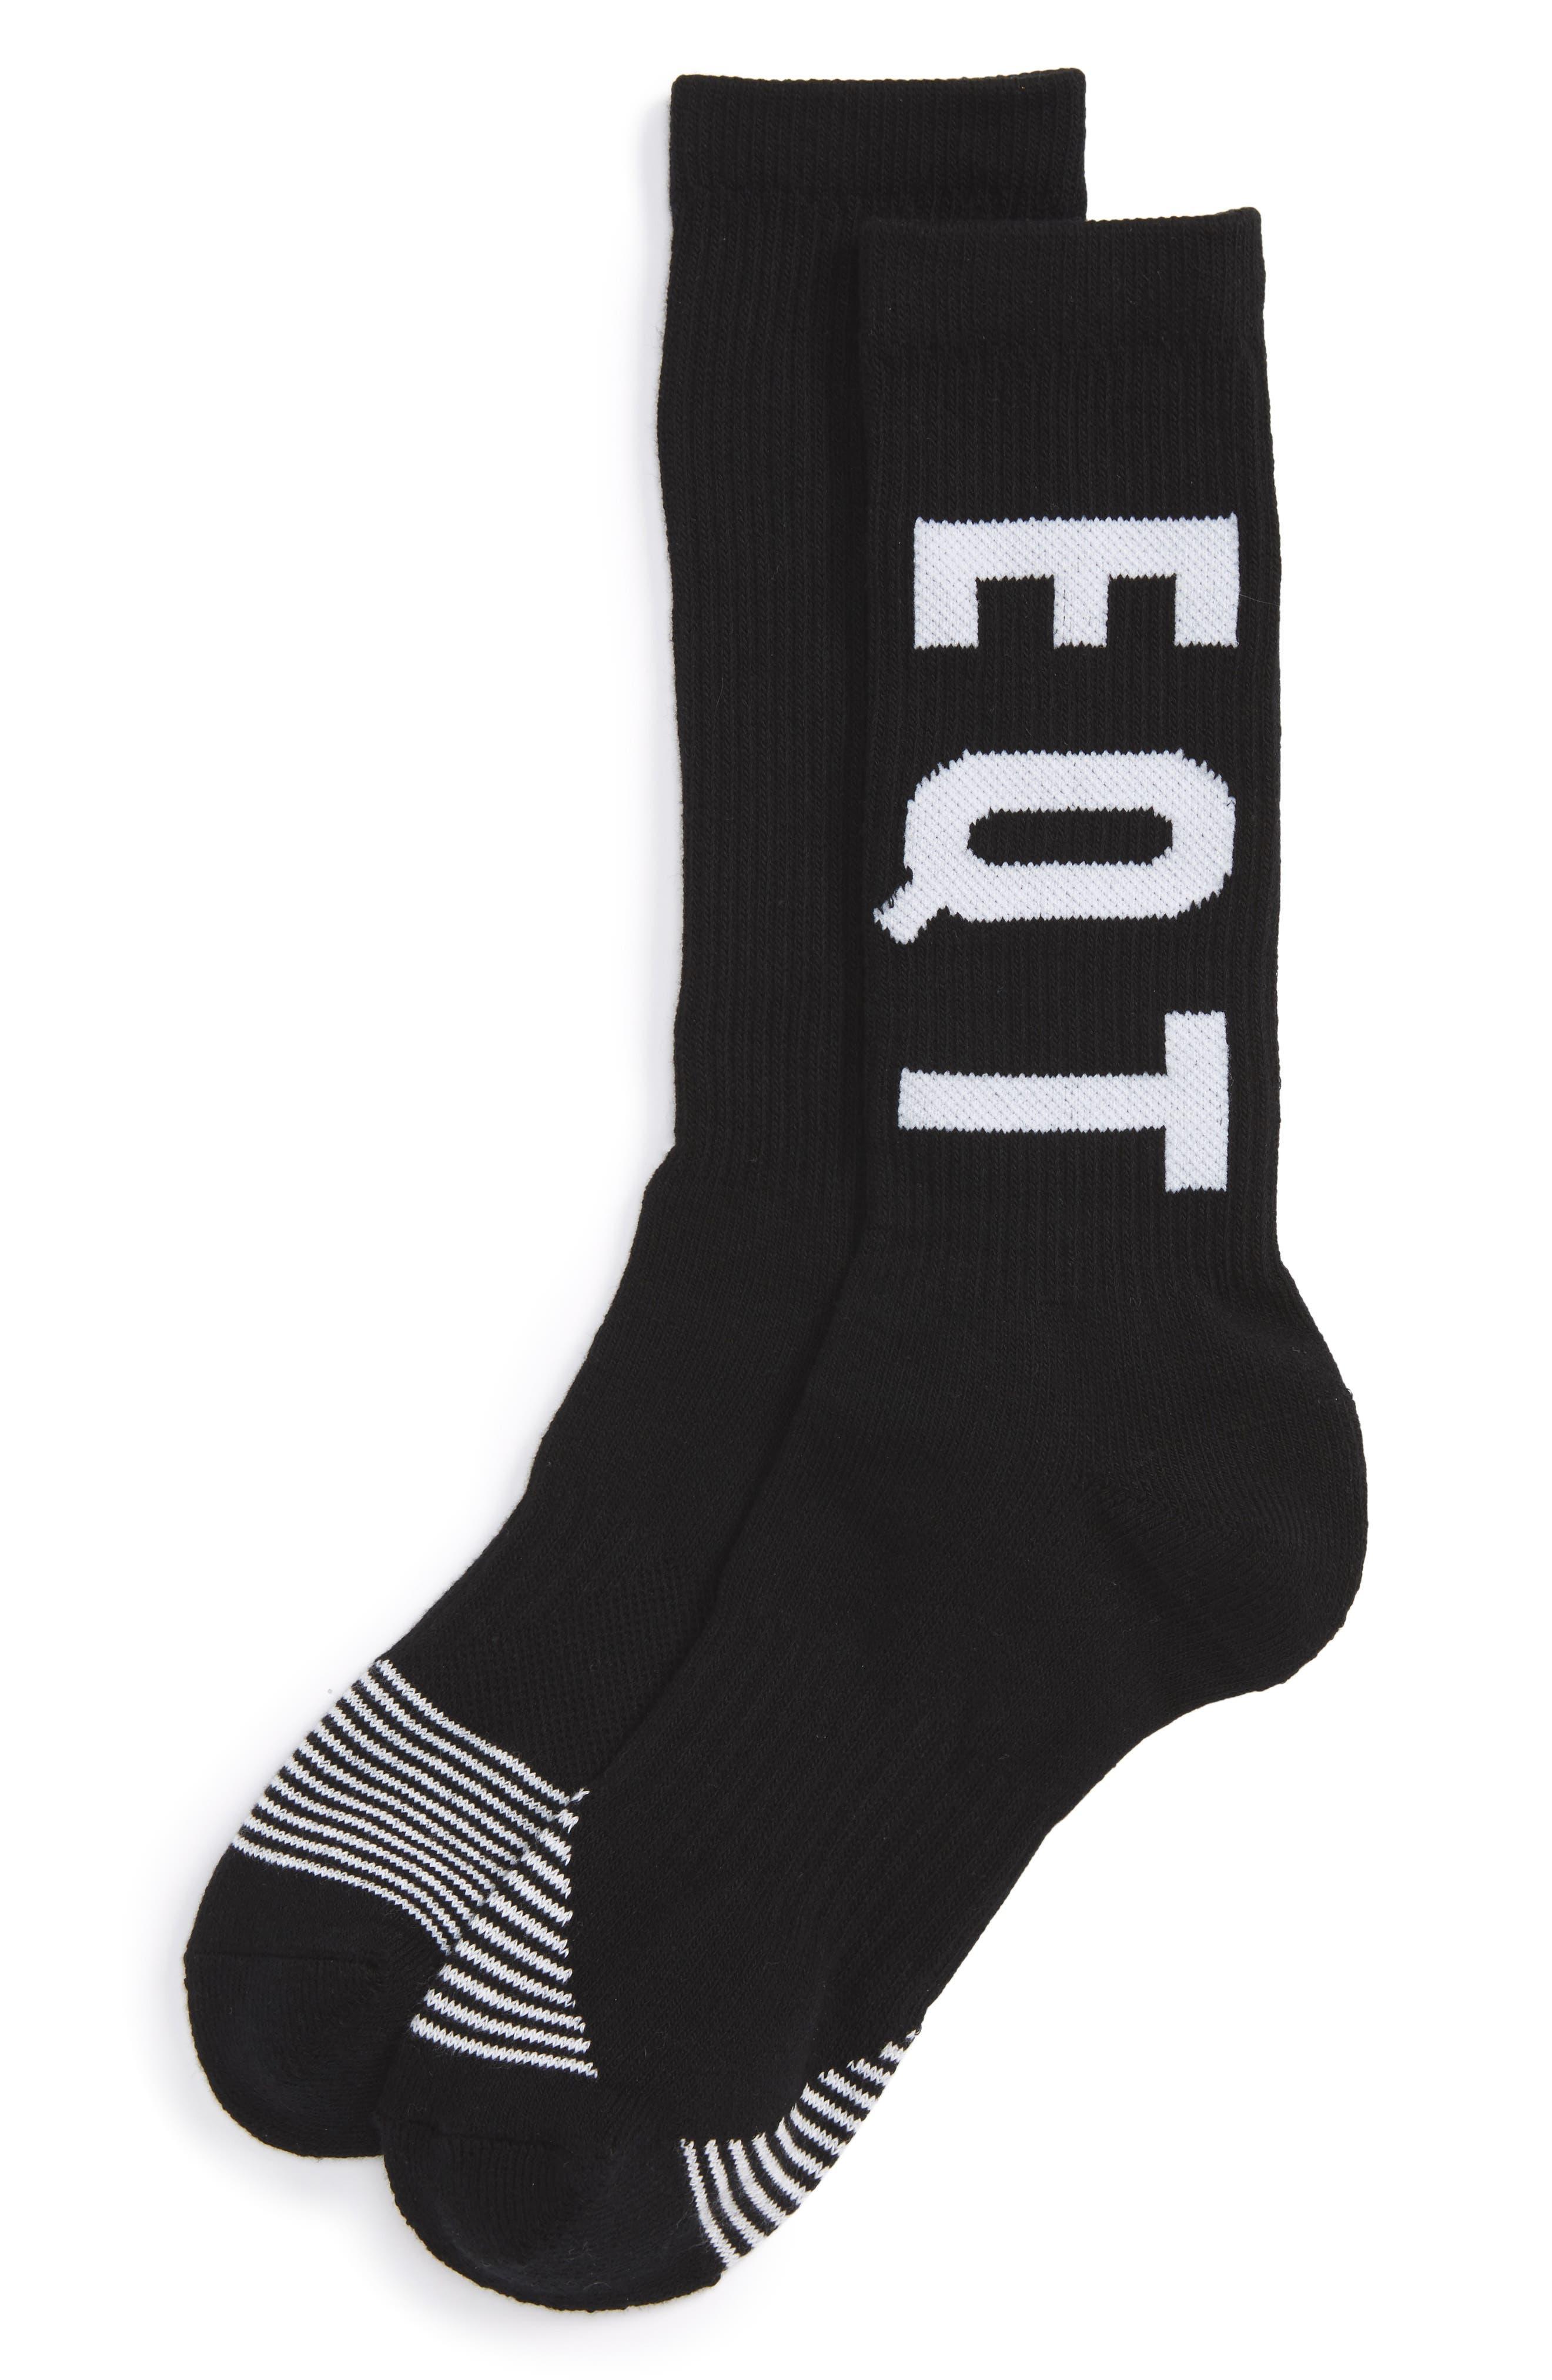 Equipment Crew Socks,                             Alternate thumbnail 2, color,                             001